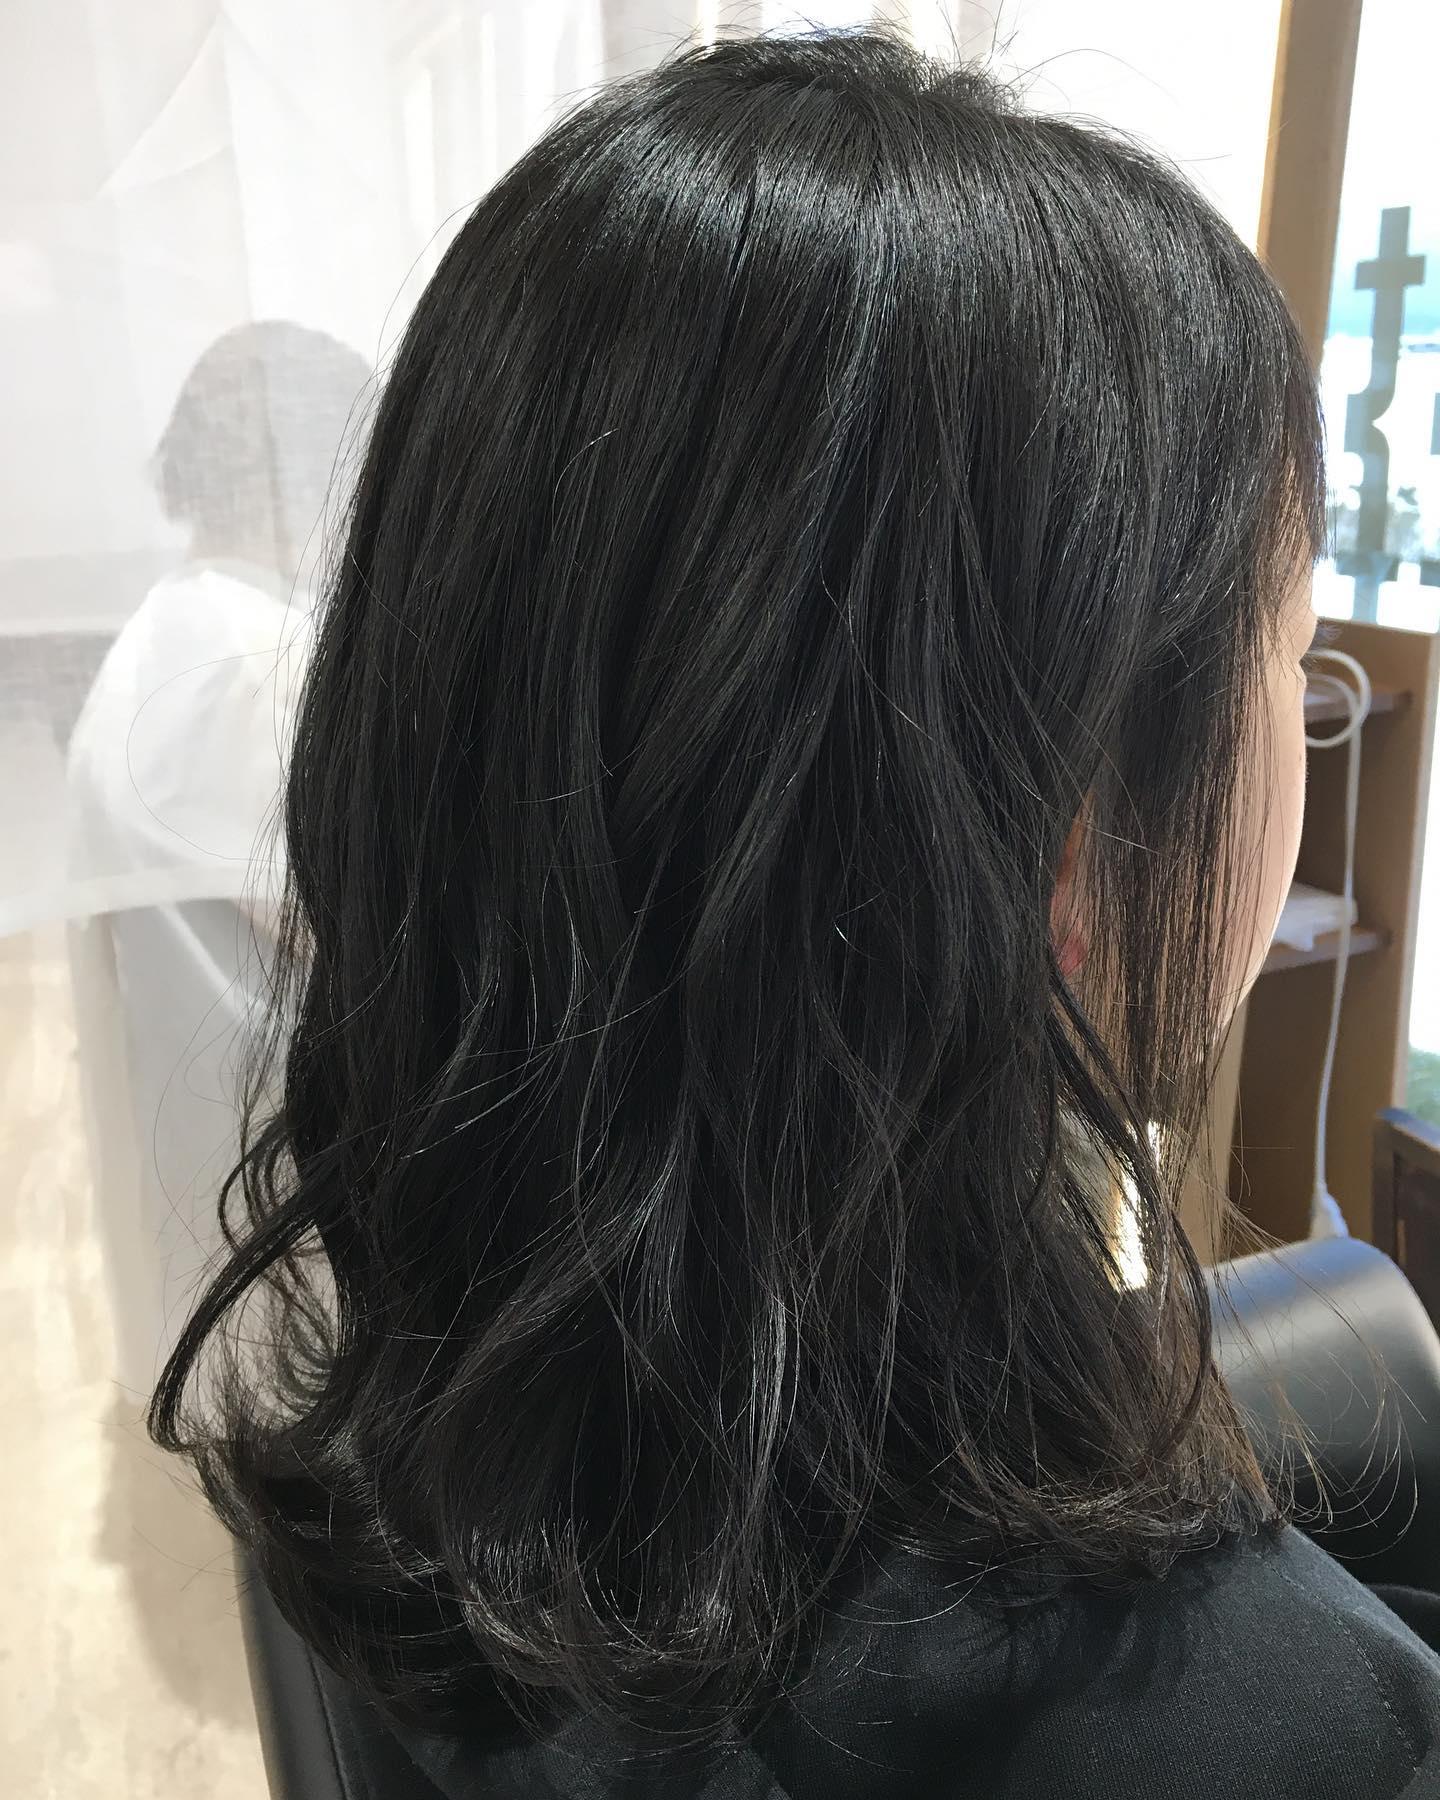 平日  10:00〜20:00lastcut 18:30 other 18:00土日祝  9:00〜19:00lastcut 18:00 other 17:00close  wednesdayhttp://www.totti-hd.com実は中学生🤩なんだかとても大人っぽい巻いたらより一層素敵女子#totti#perm #cut #hairstyle #haircolor #hairarrange #stylist #care #carelist #aujua #イルミナカラー #headspa #treatment #美容院#着付け